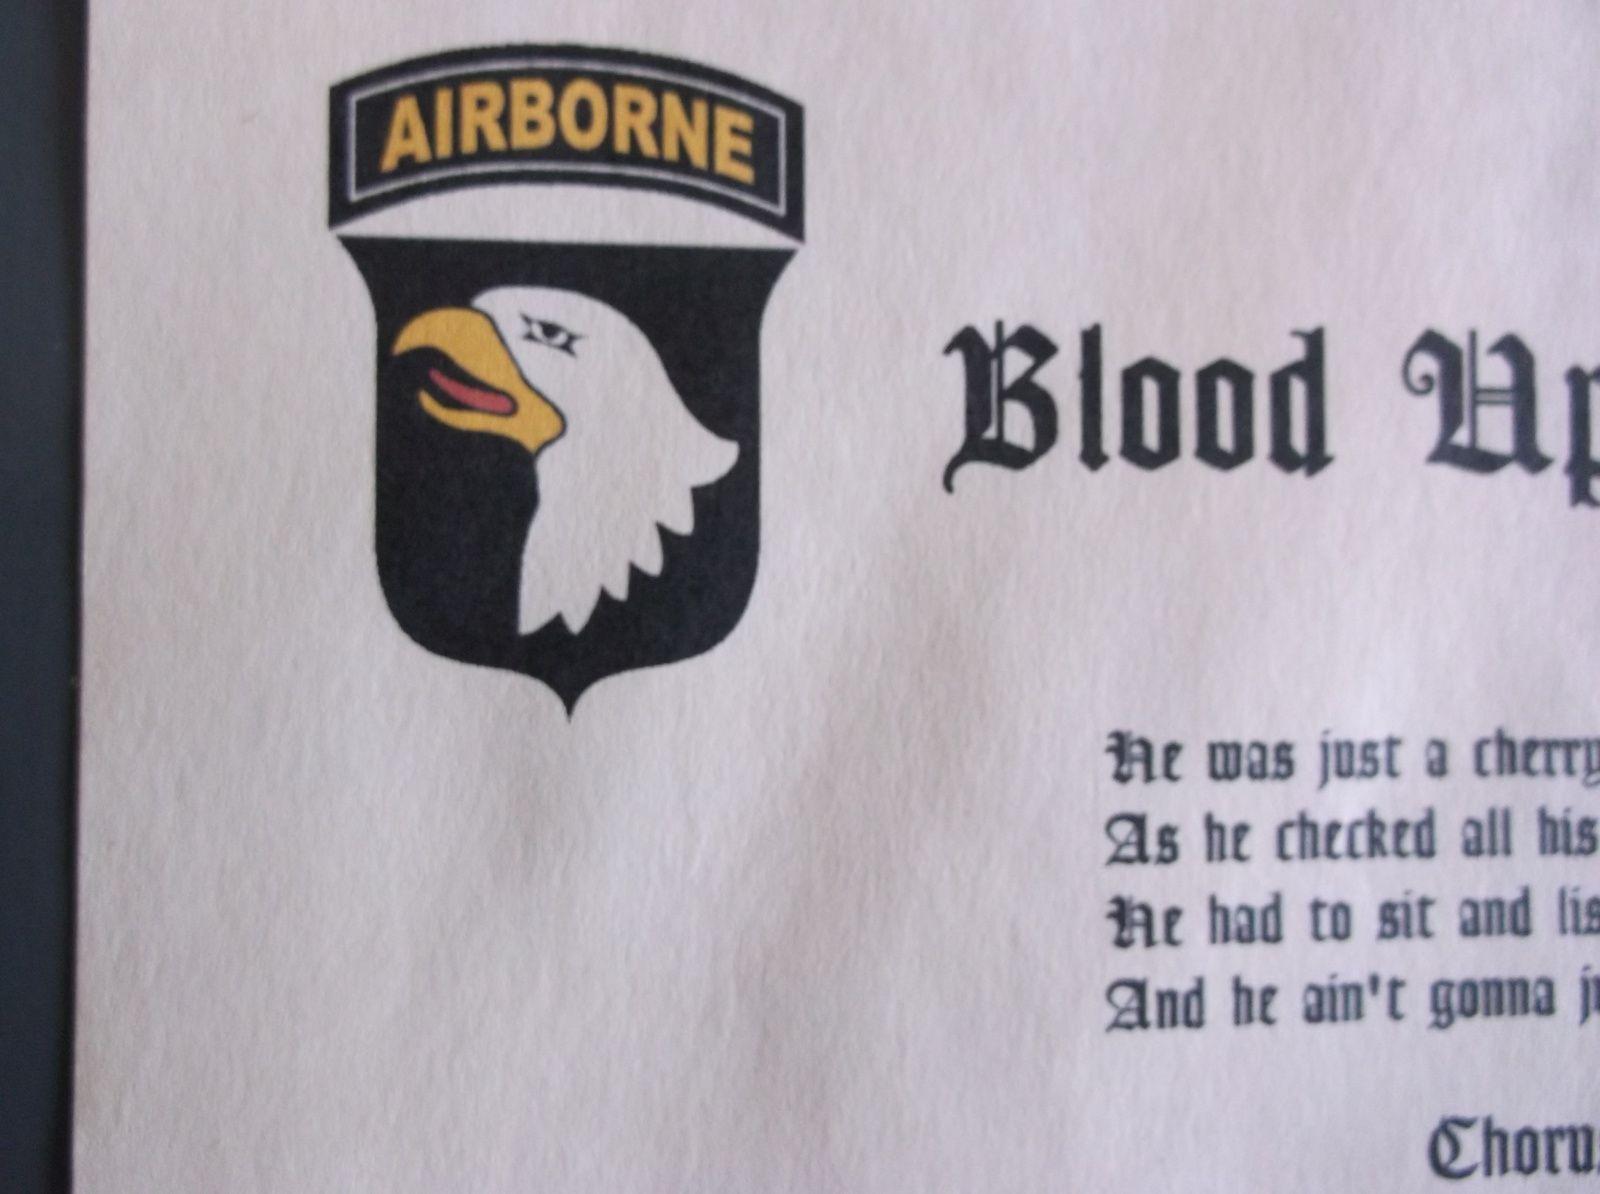 WW2 US PARATROOPER 101st AIRBORNE 82nd AIRBORNE - wittmann